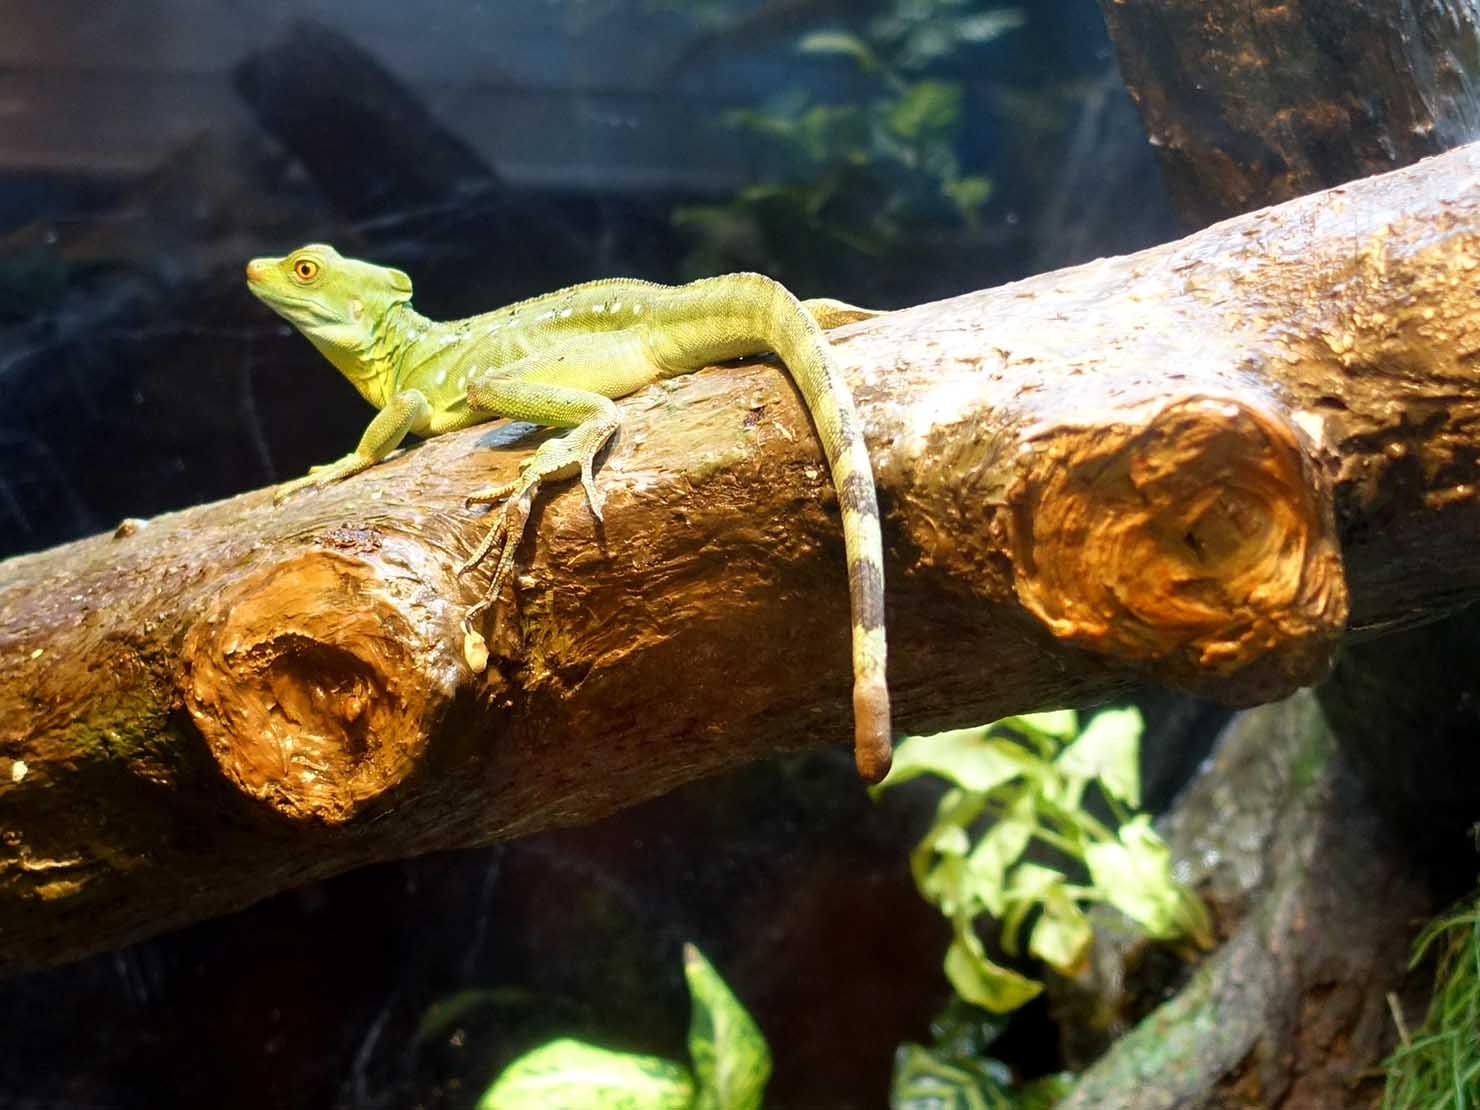 台北に誕生した都市型水族館「Xpark」内エリア「雨林探險」のトカゲ